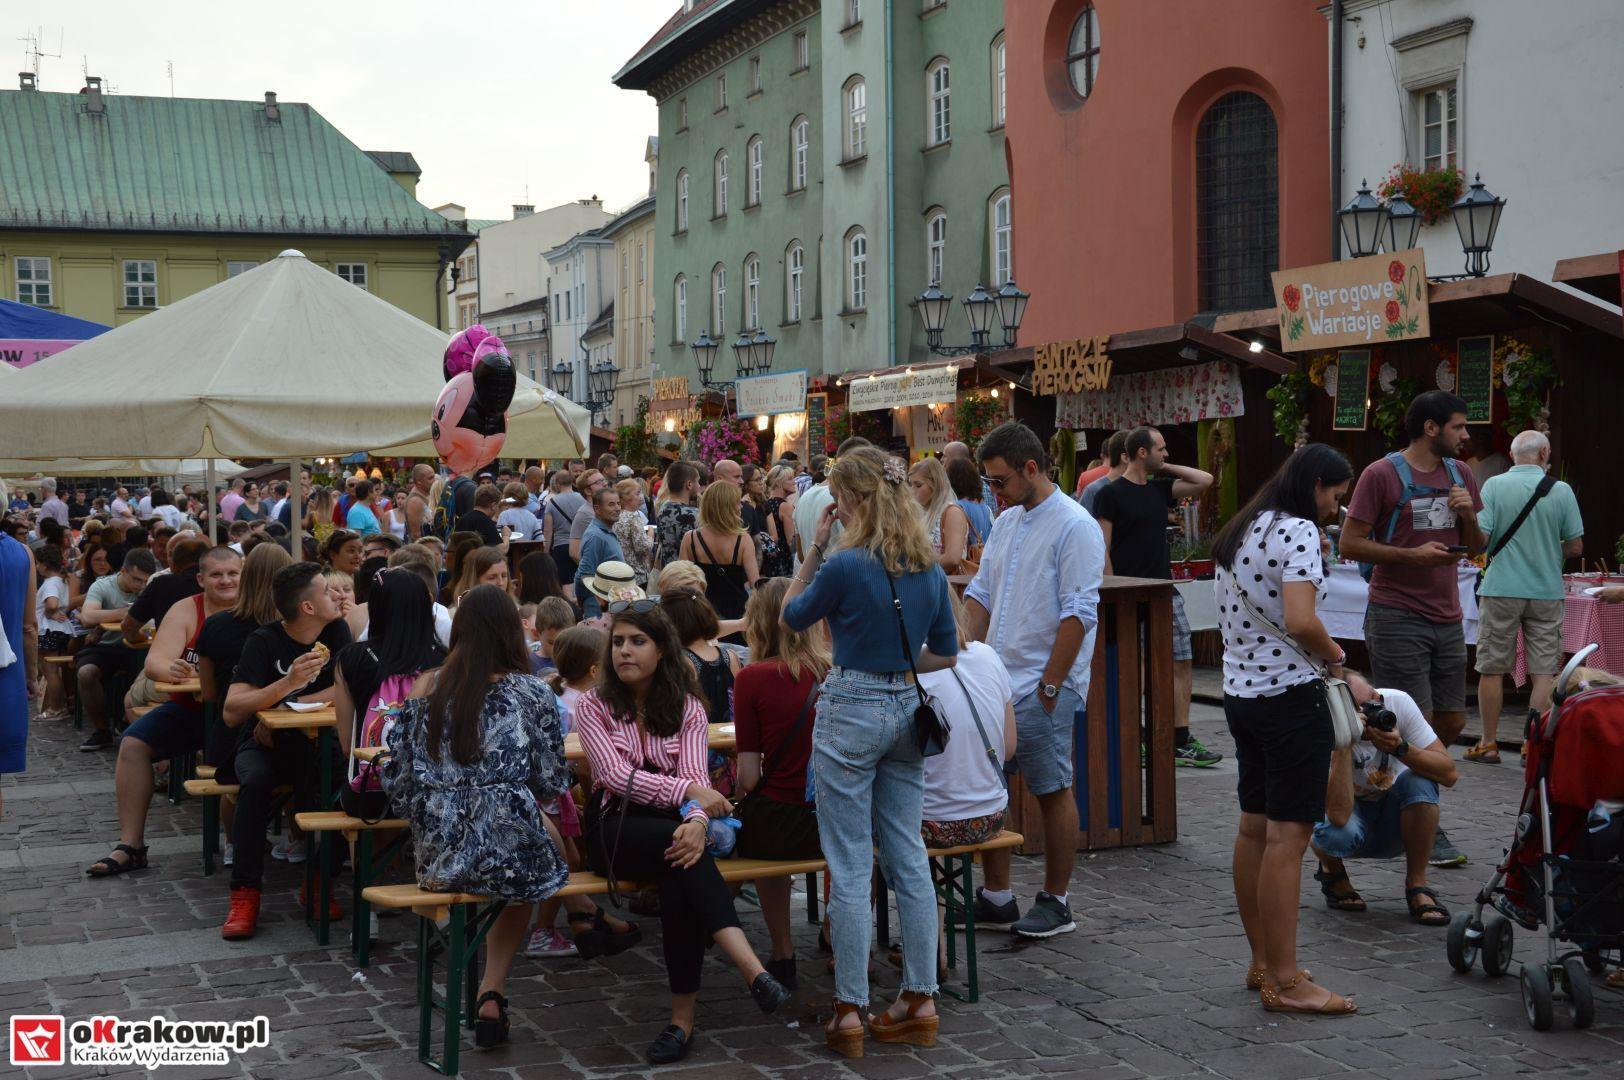 krakow festiwal pierogow maly rynek koncert cheap tobacco 43 150x150 - Galeria zdjęć Festiwal Pierogów Kraków 2018 + zdjęcia z koncertu Cheap Tobacco